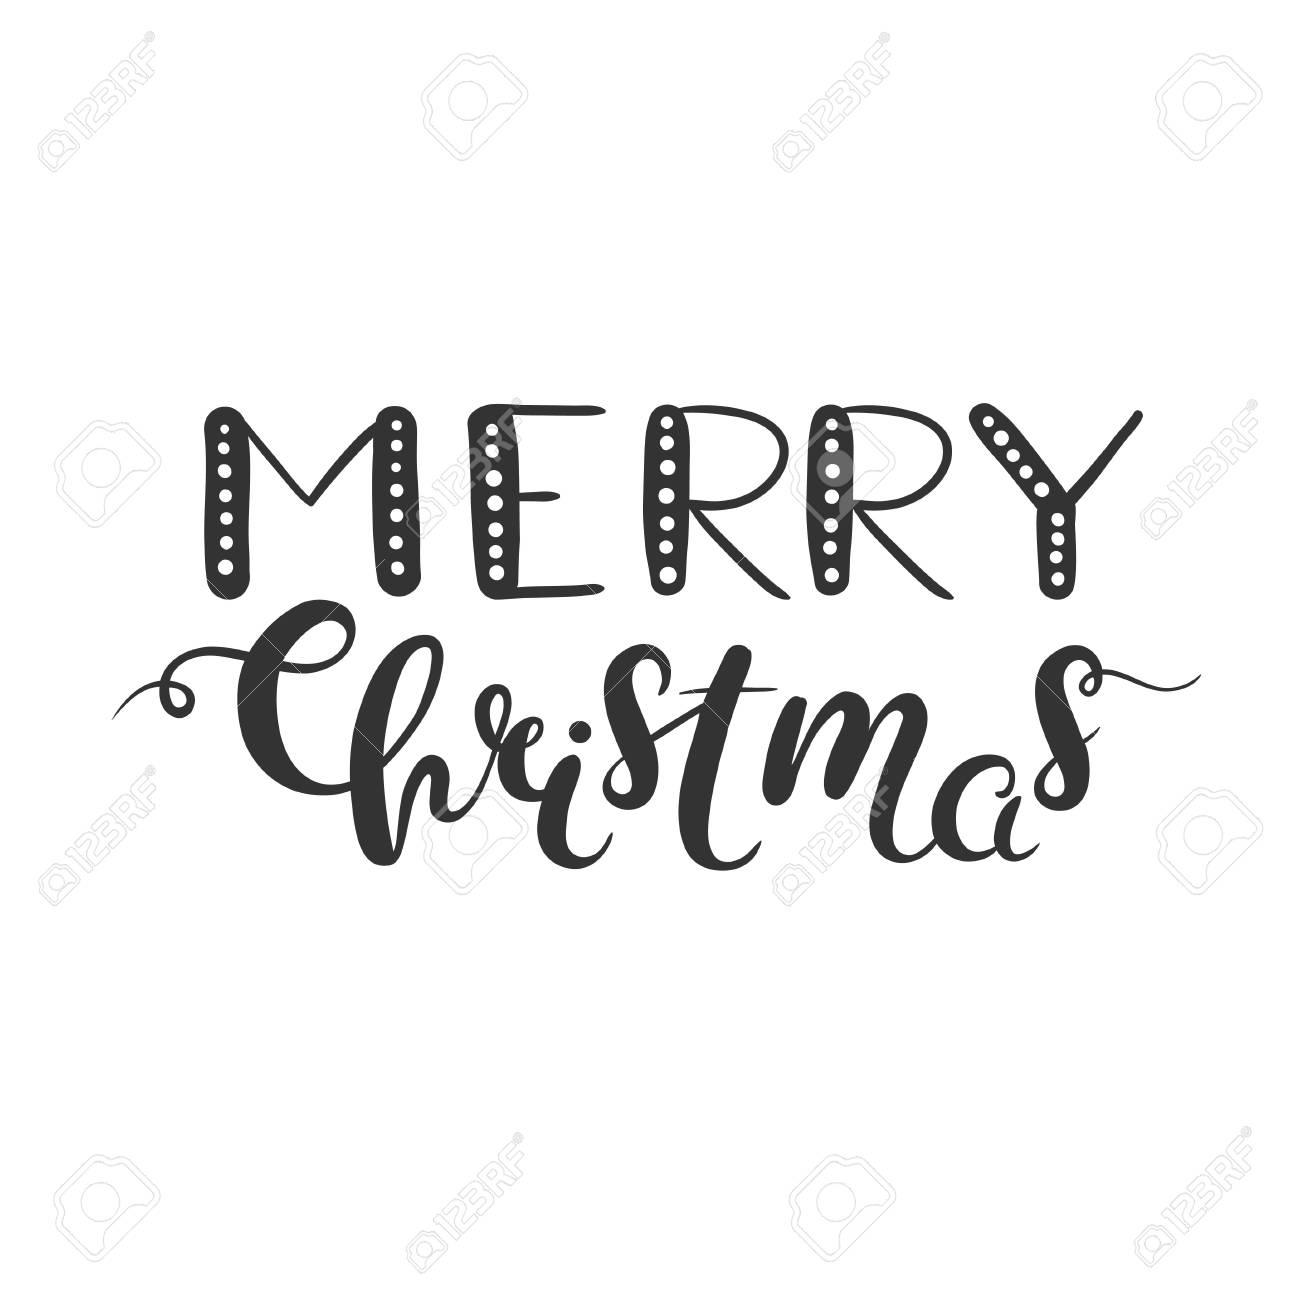 Frohe Weihnachten Schrift.Stock Photo